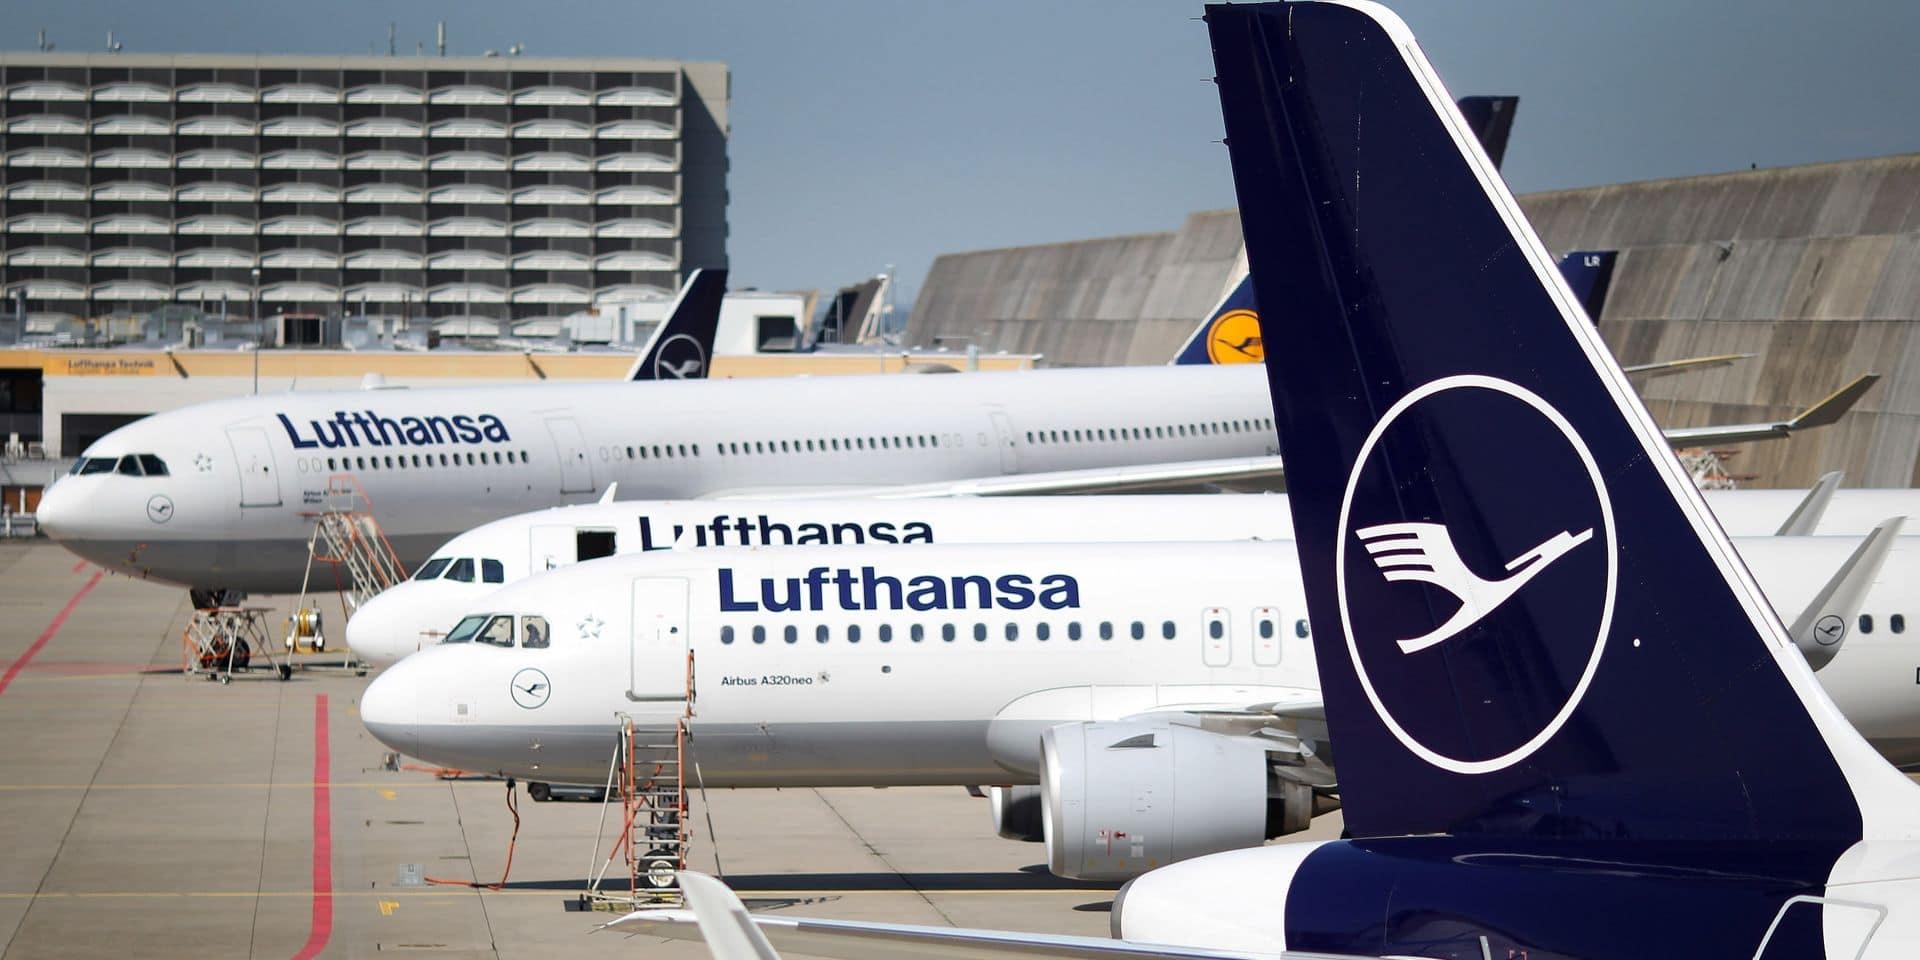 Lufthansa est sauvée : le ciel s'éclaircit pour Brussels Airlines qui n'est pas (encore) sauvée